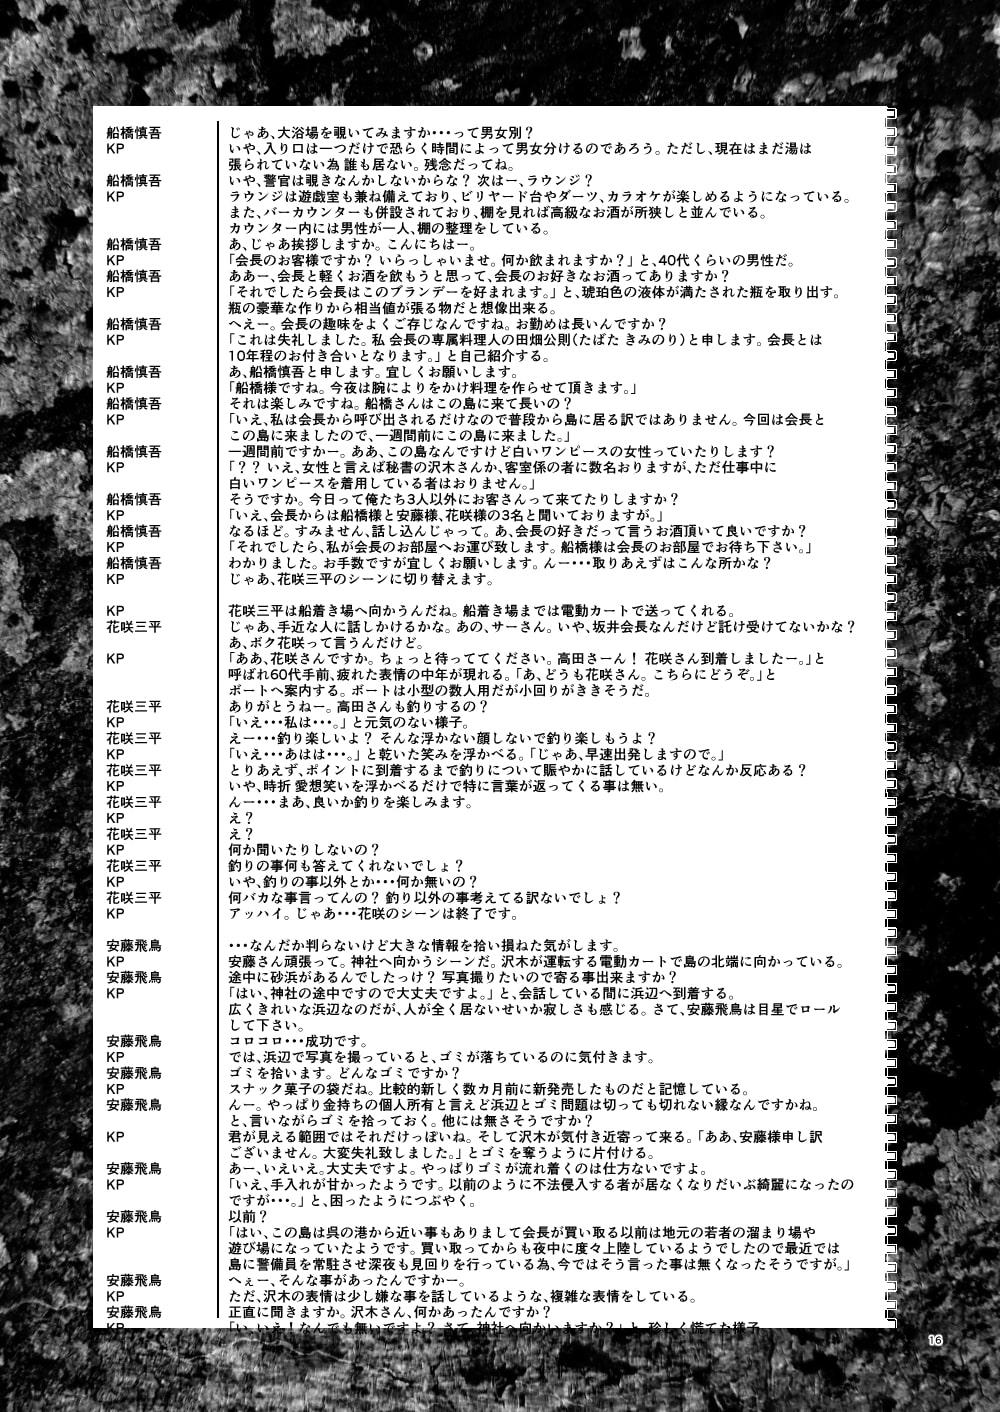 クトゥルフ神話TRPG シナリオリプレイ集 鏡界を彷徨う者 (卓上戦術部) DLsite提供:同人作品 – その他